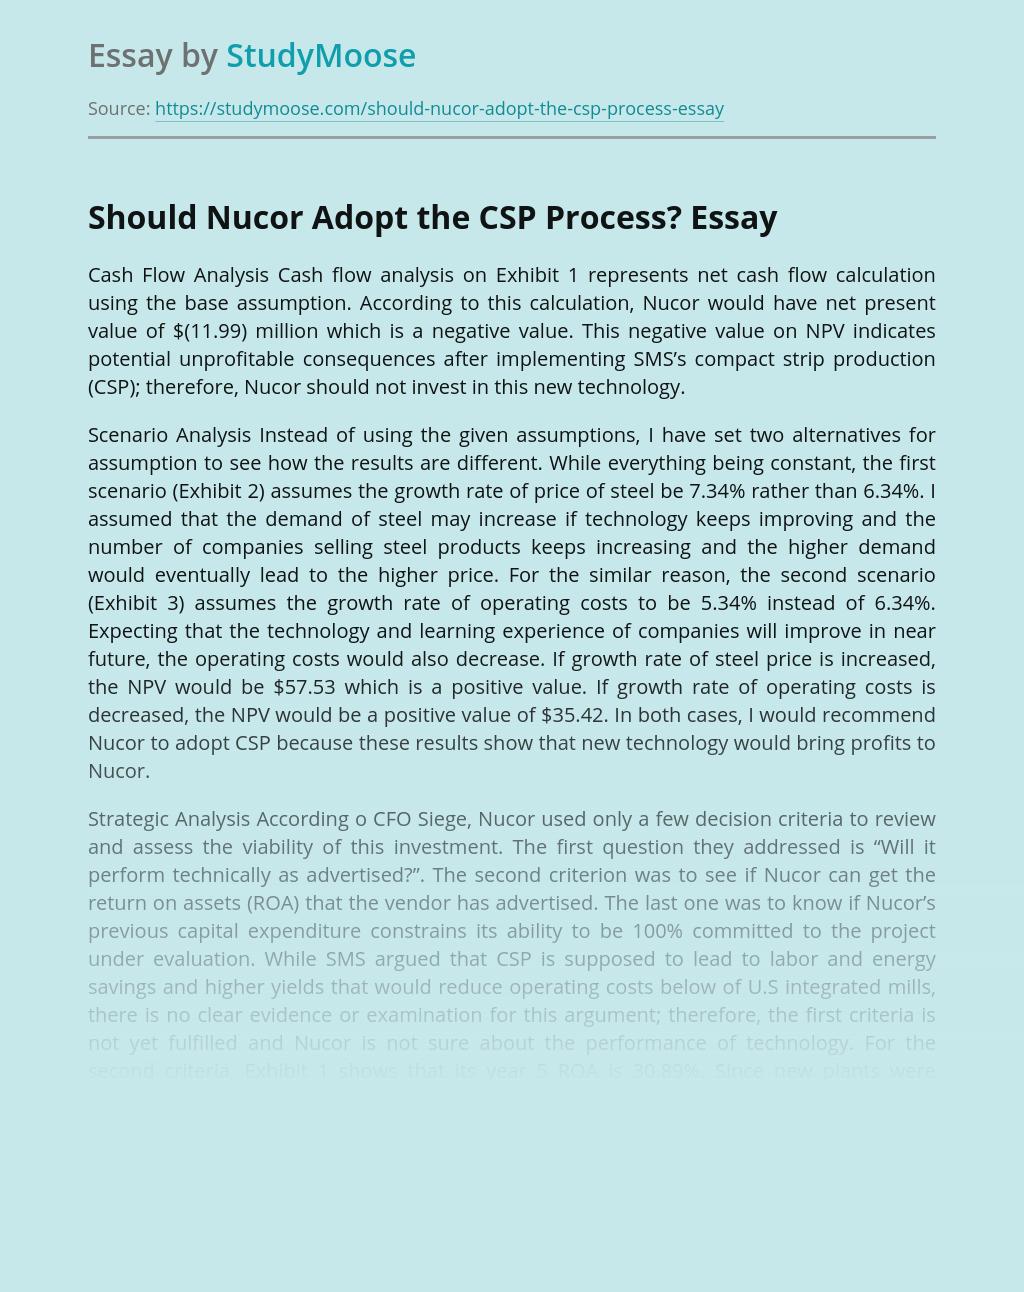 Should Nucor Adopt the CSP Process?